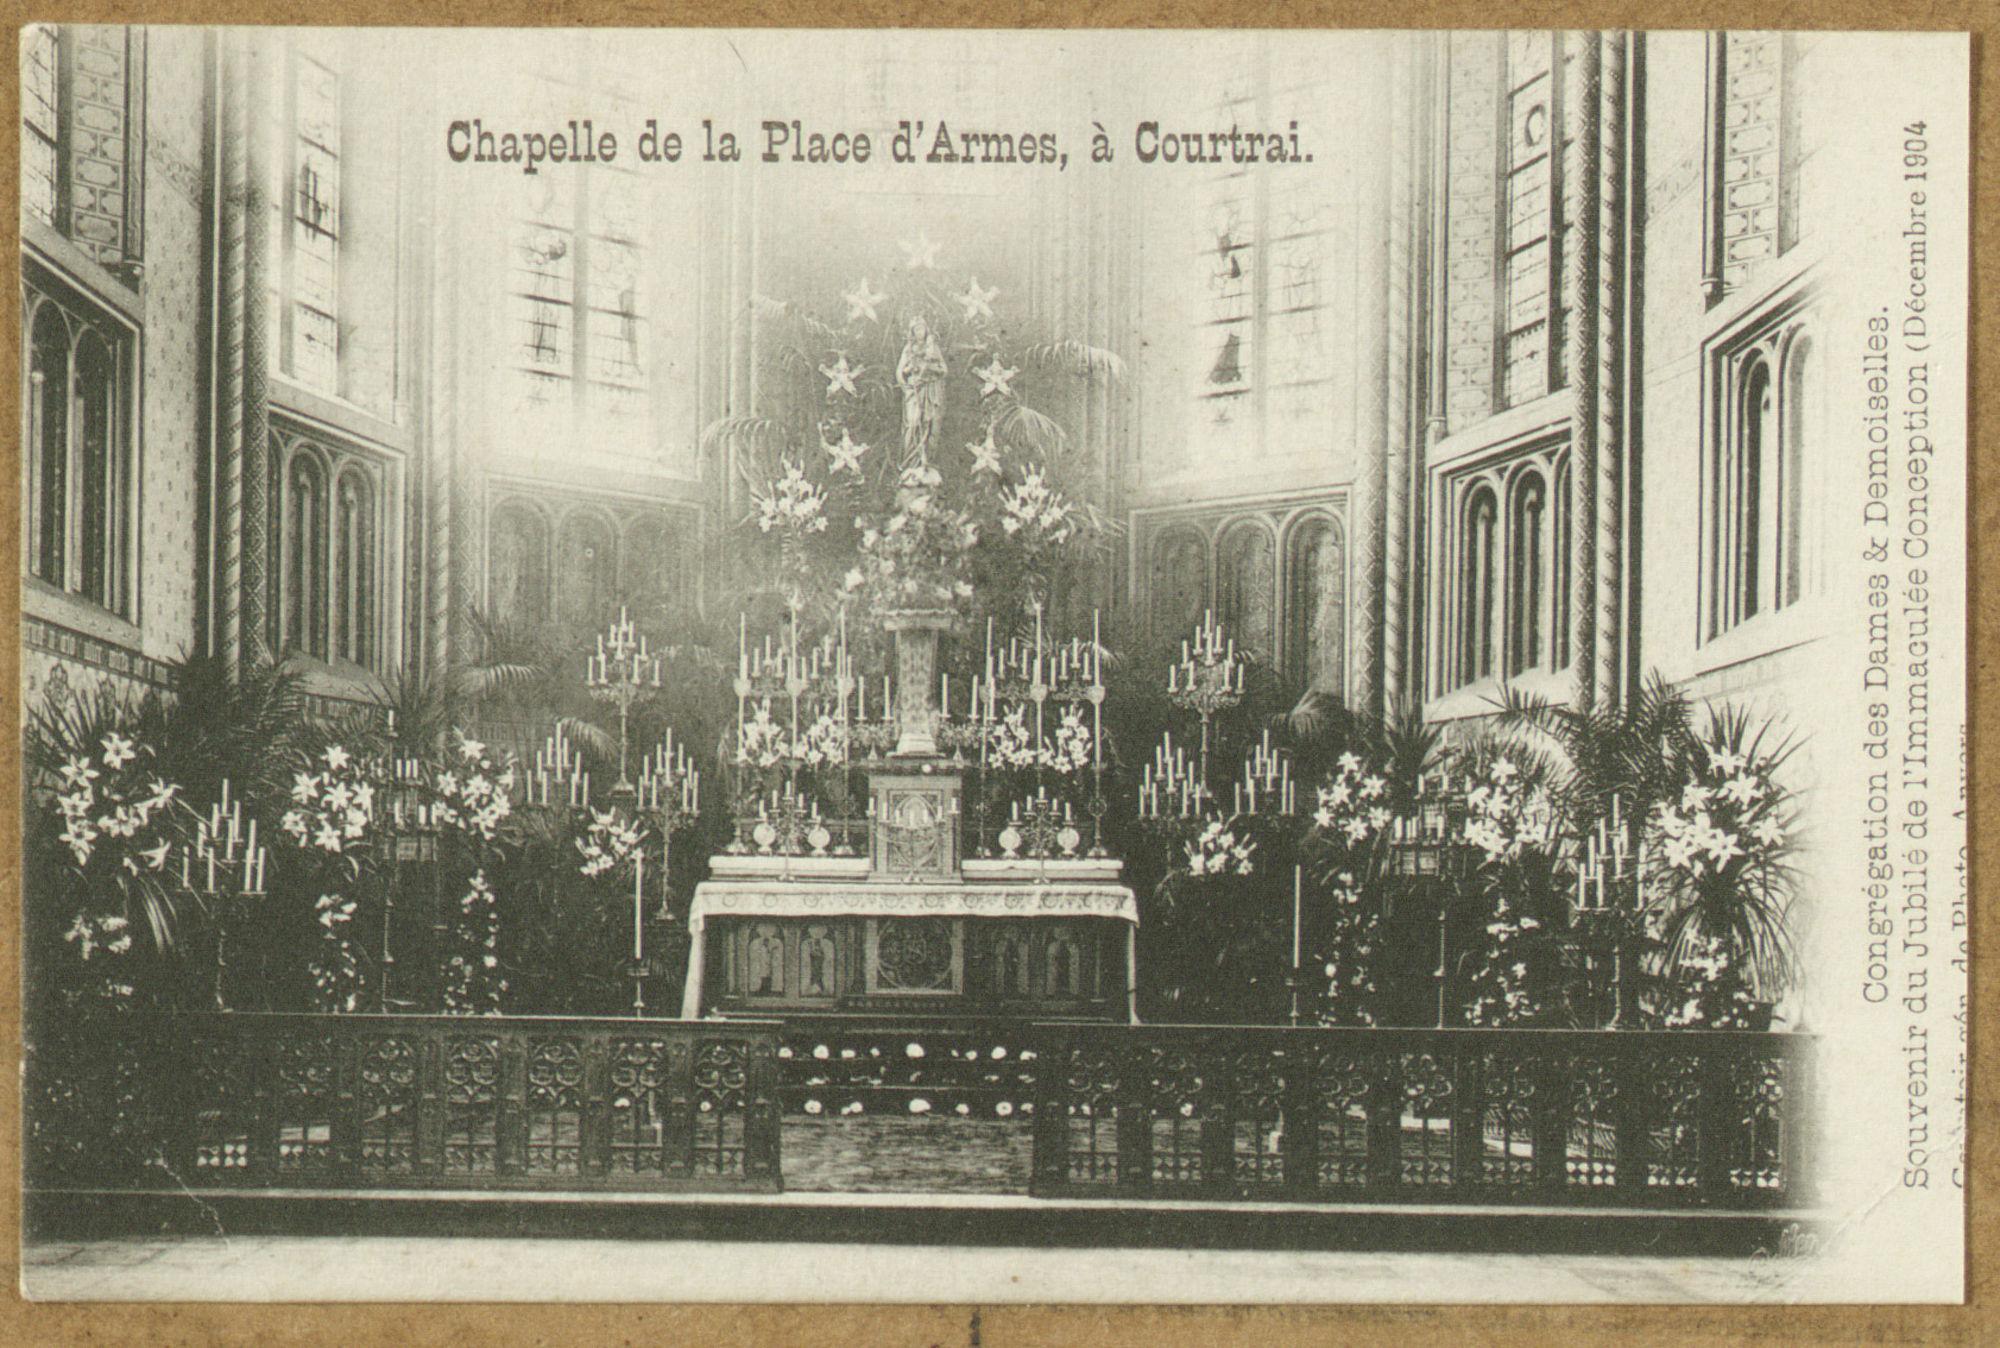 Interieur van de Kapel van de Wapenplaats (huidige President Rooseveltplein)